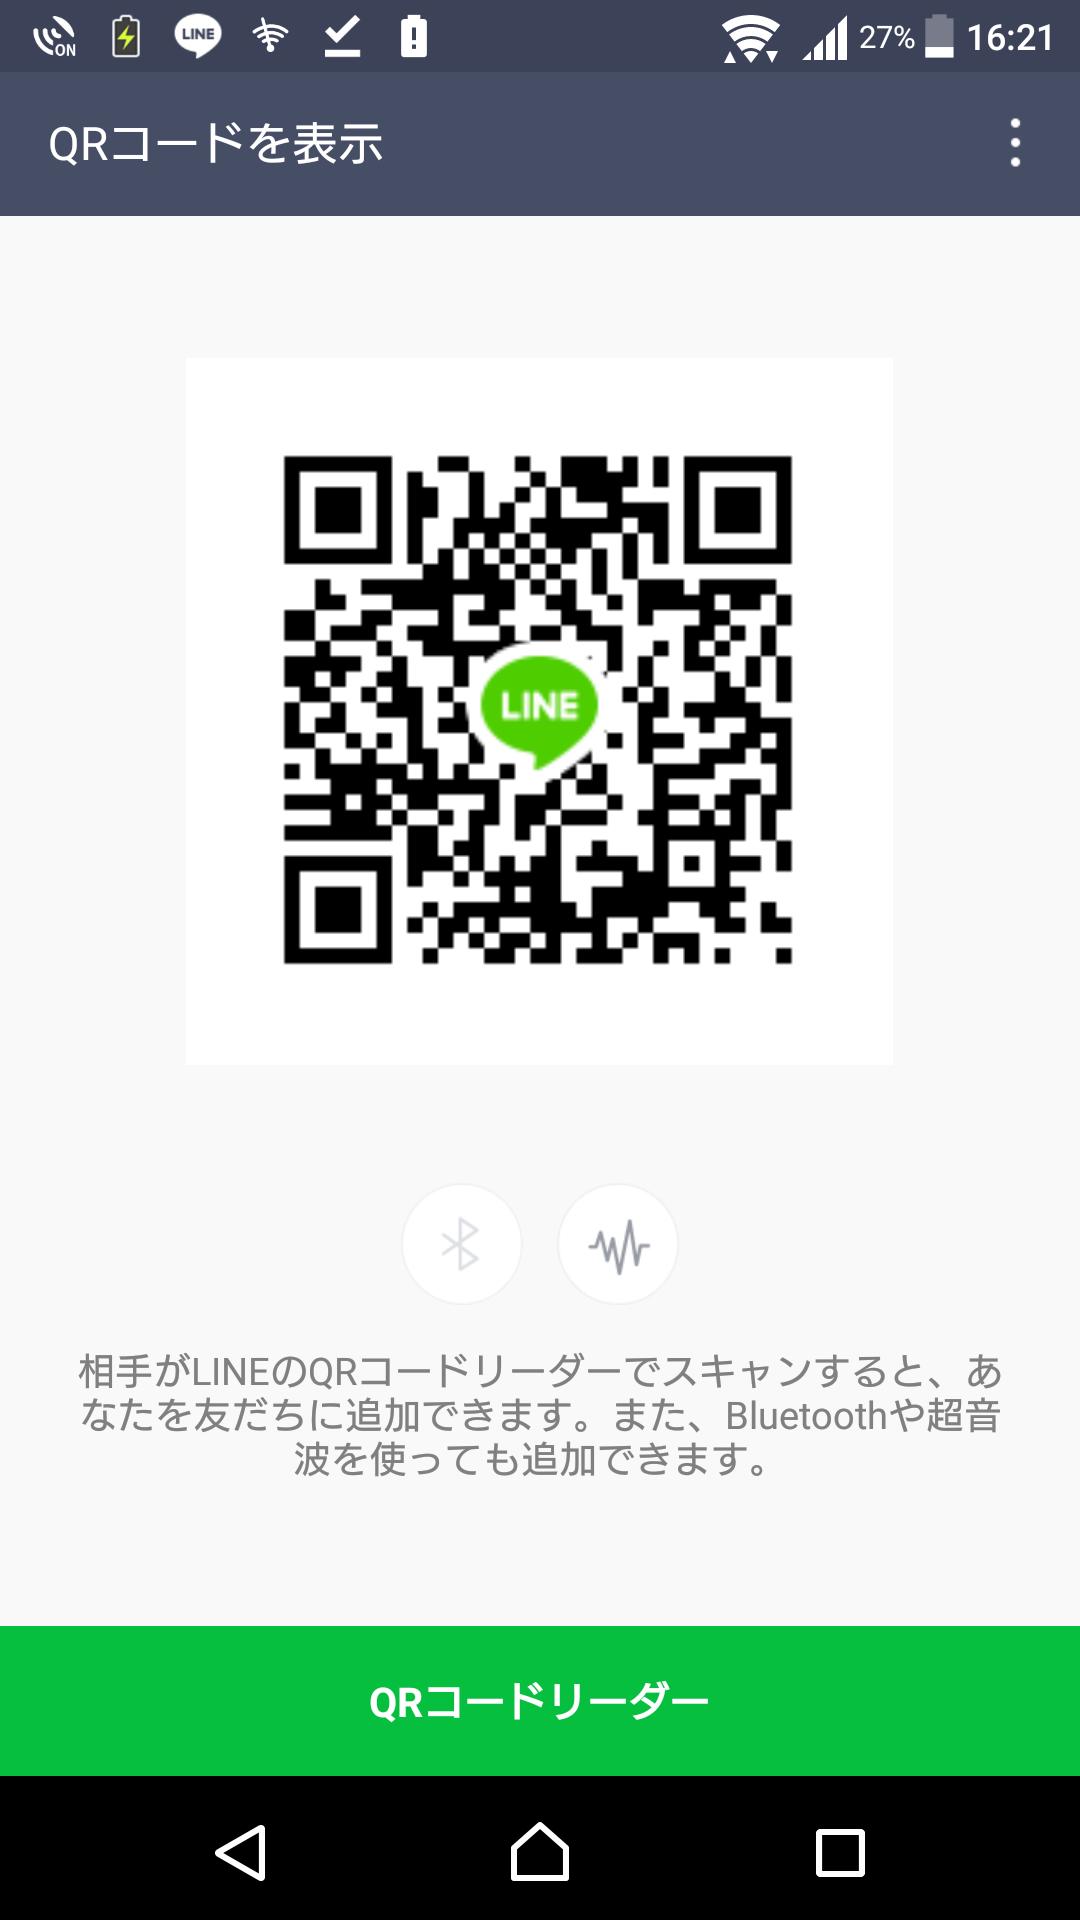 だいち☆( 。∀ ゚)ださんのLINE QRコード